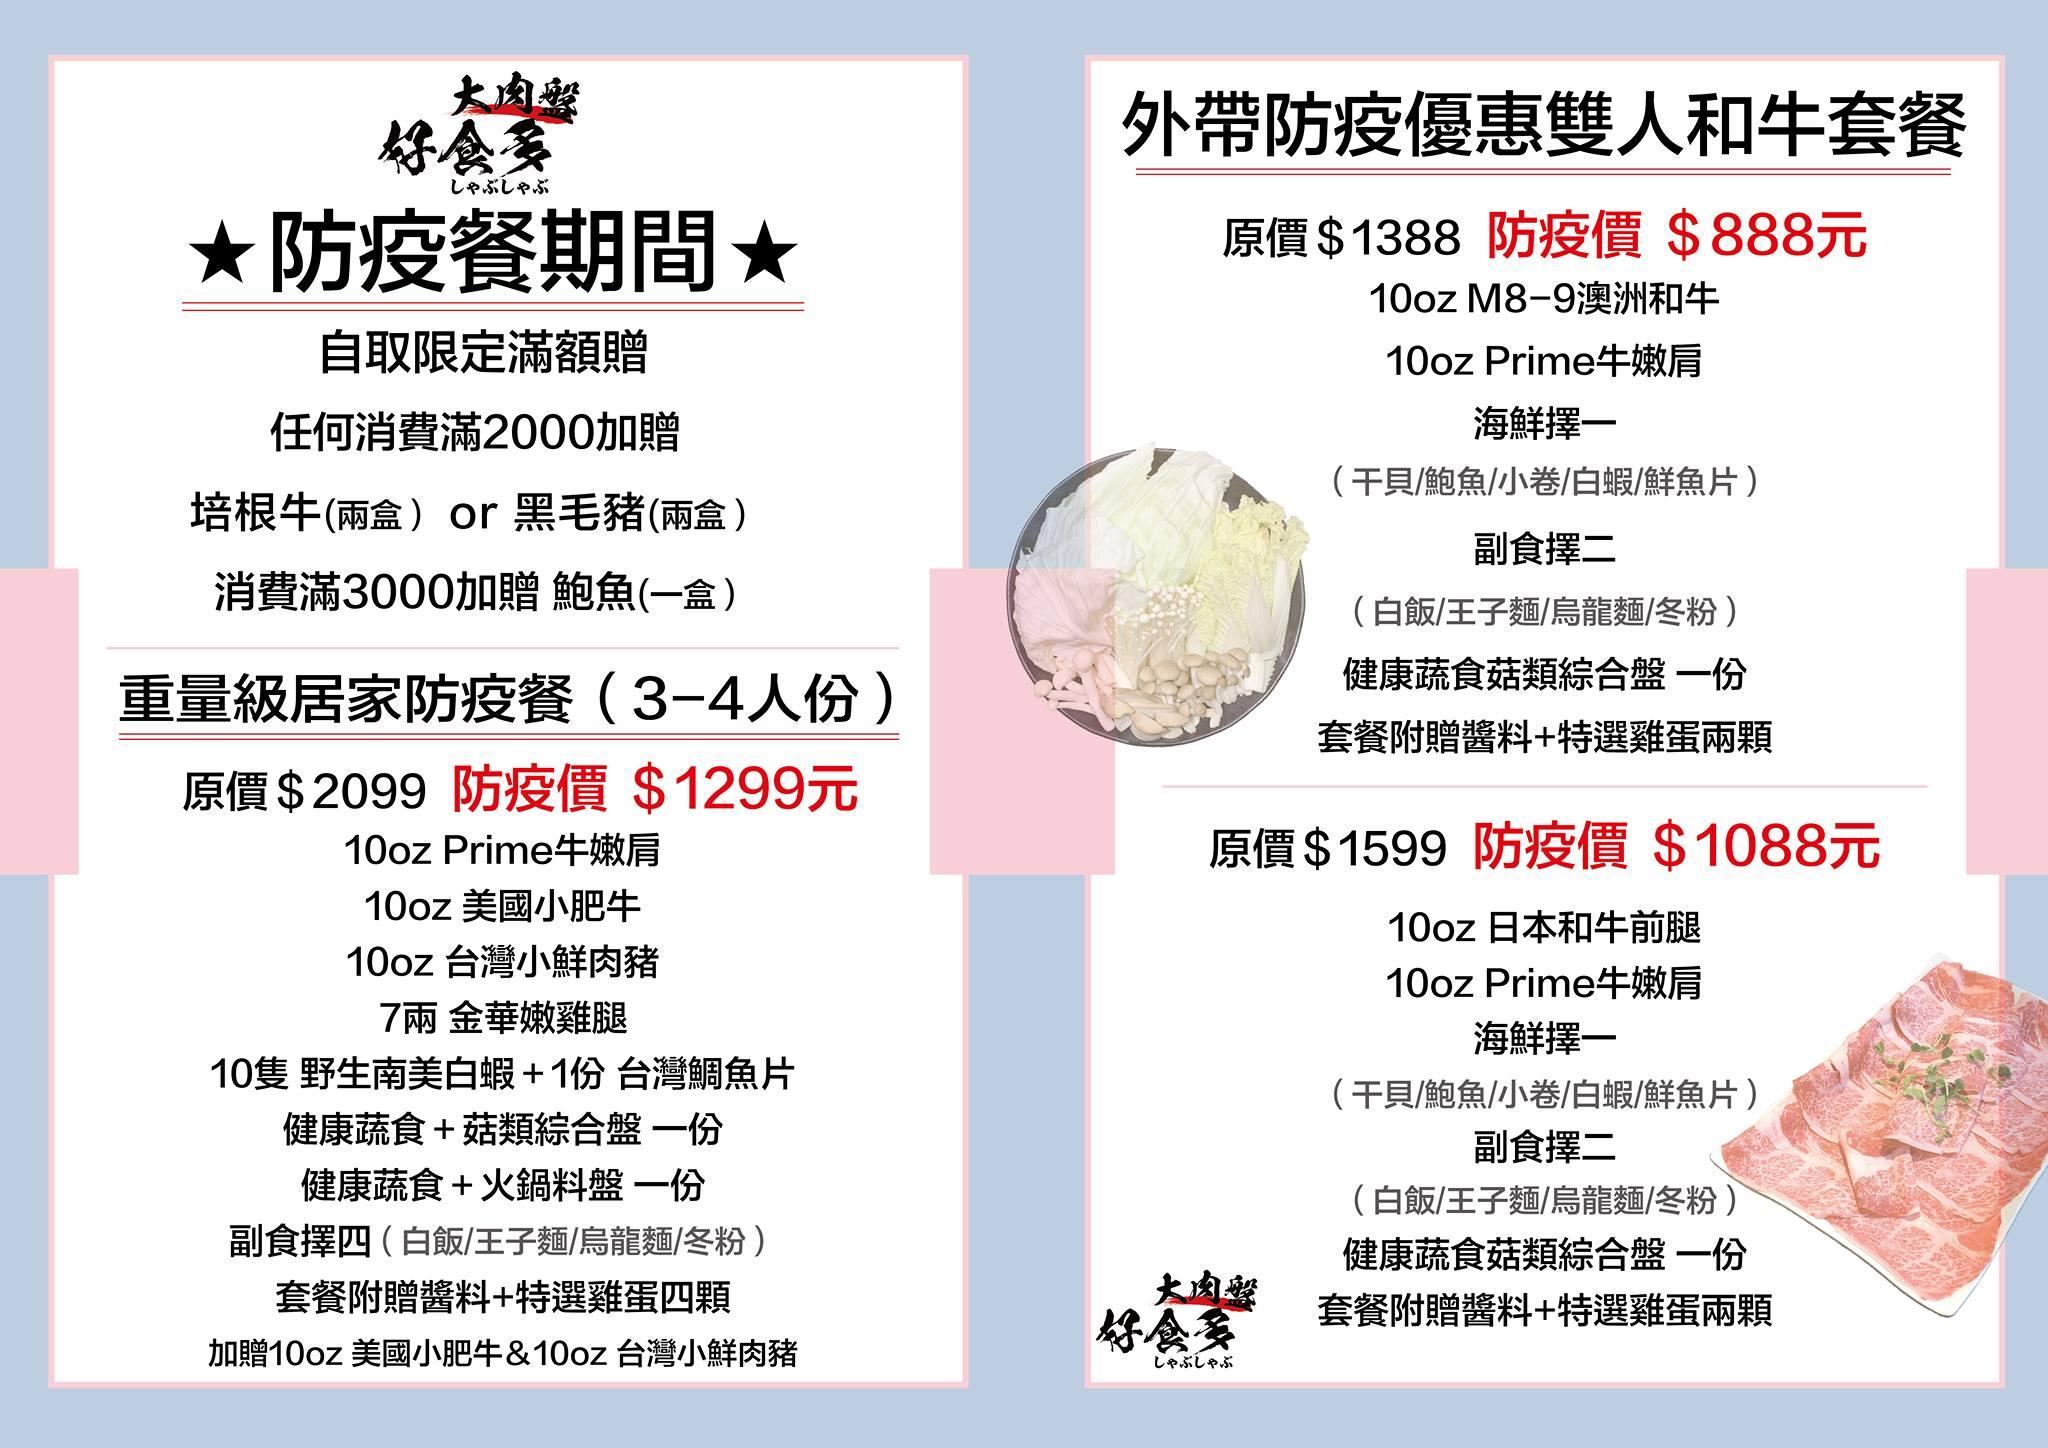 台北外帶美食 優惠餐廳總整理 防疫期間外帶優惠總整理! 連鎖品牌外帶優惠懶人包 107